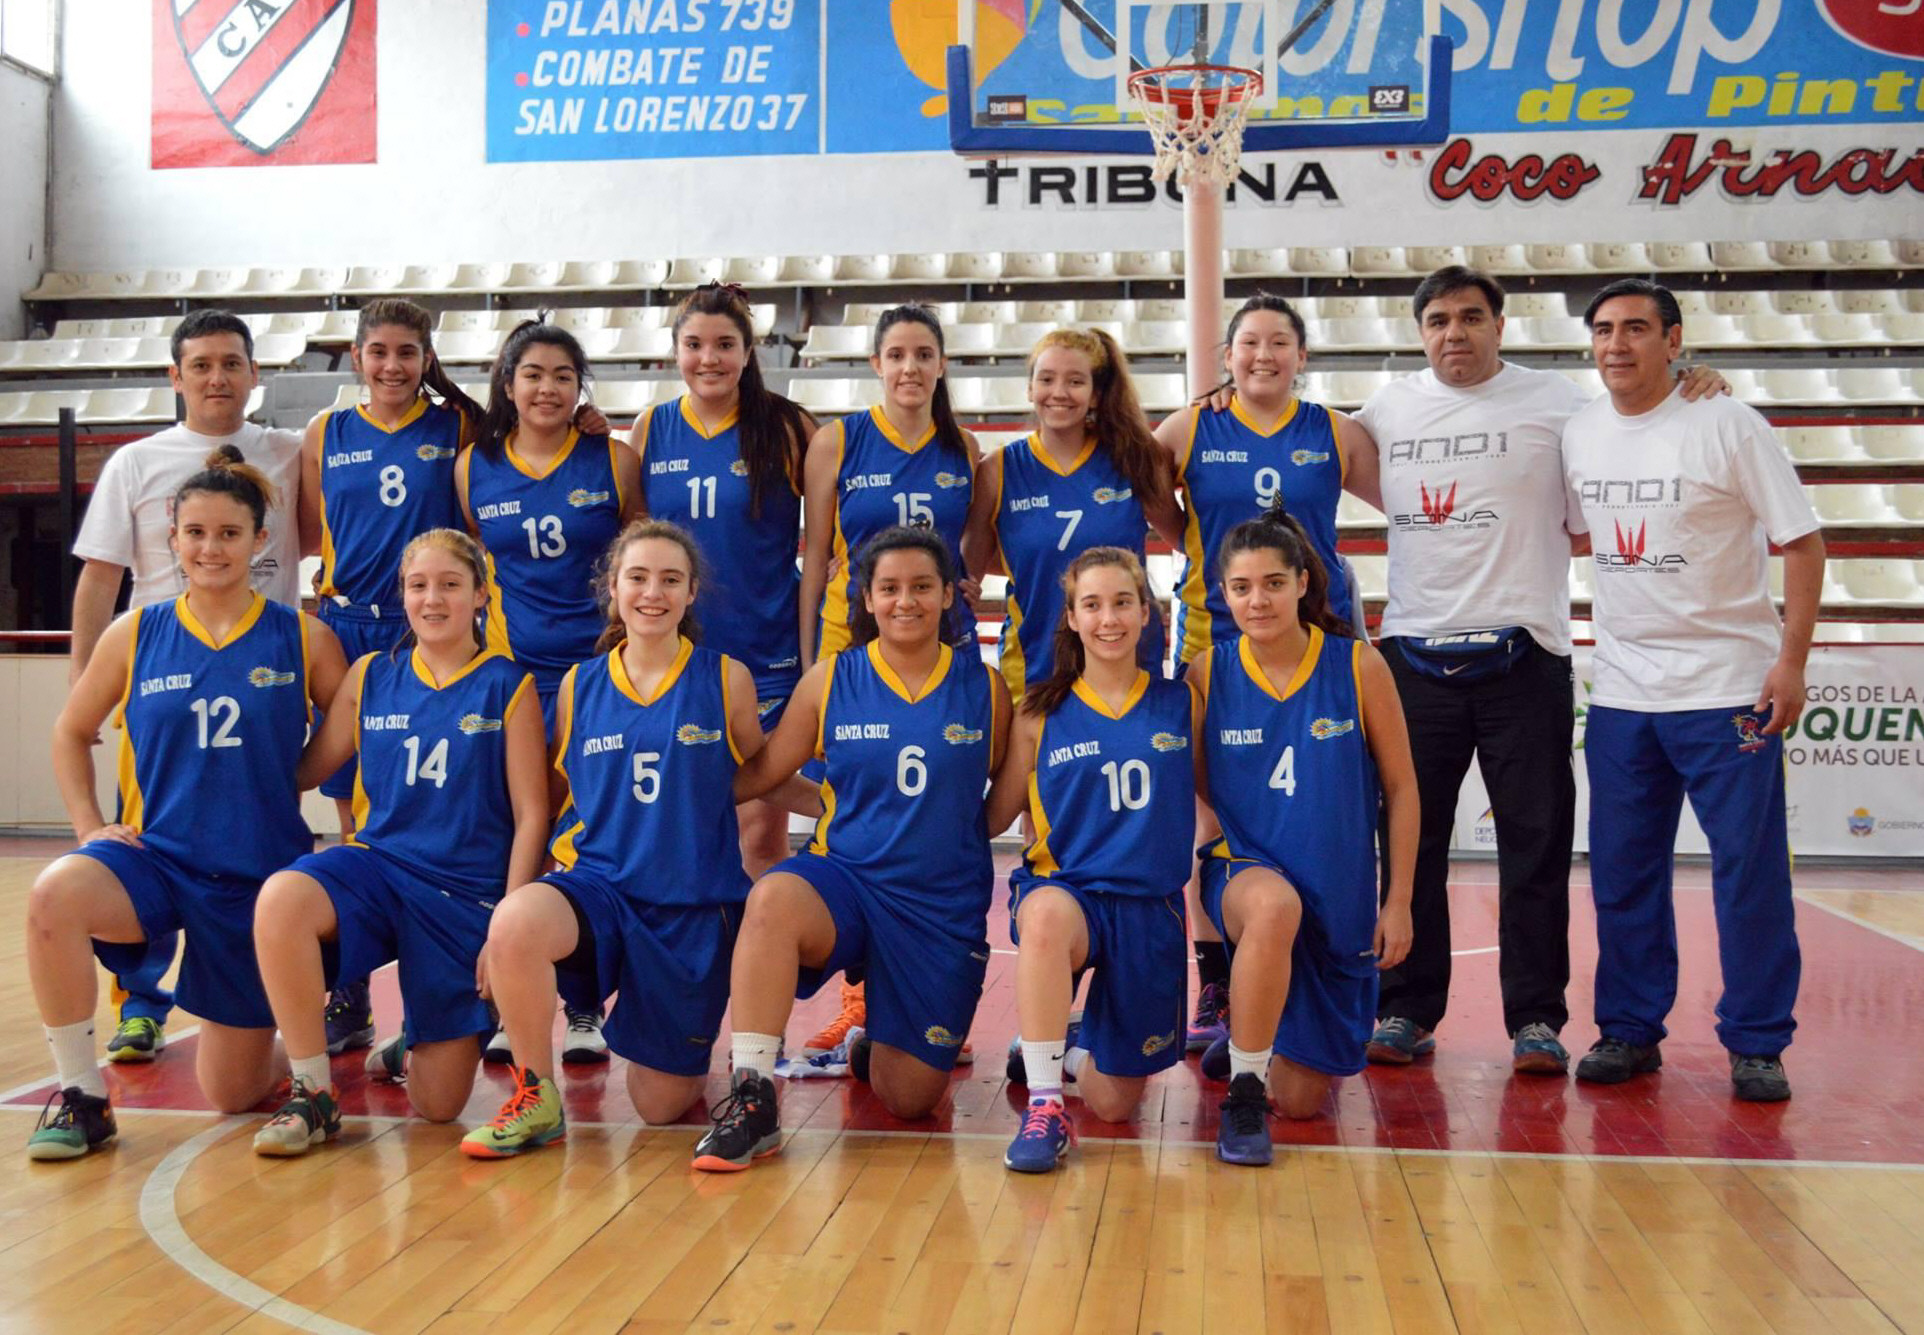 El equipo de Santa Cruz en los Juegos Binacionales de la Araucanía 2015 en Neuquén.